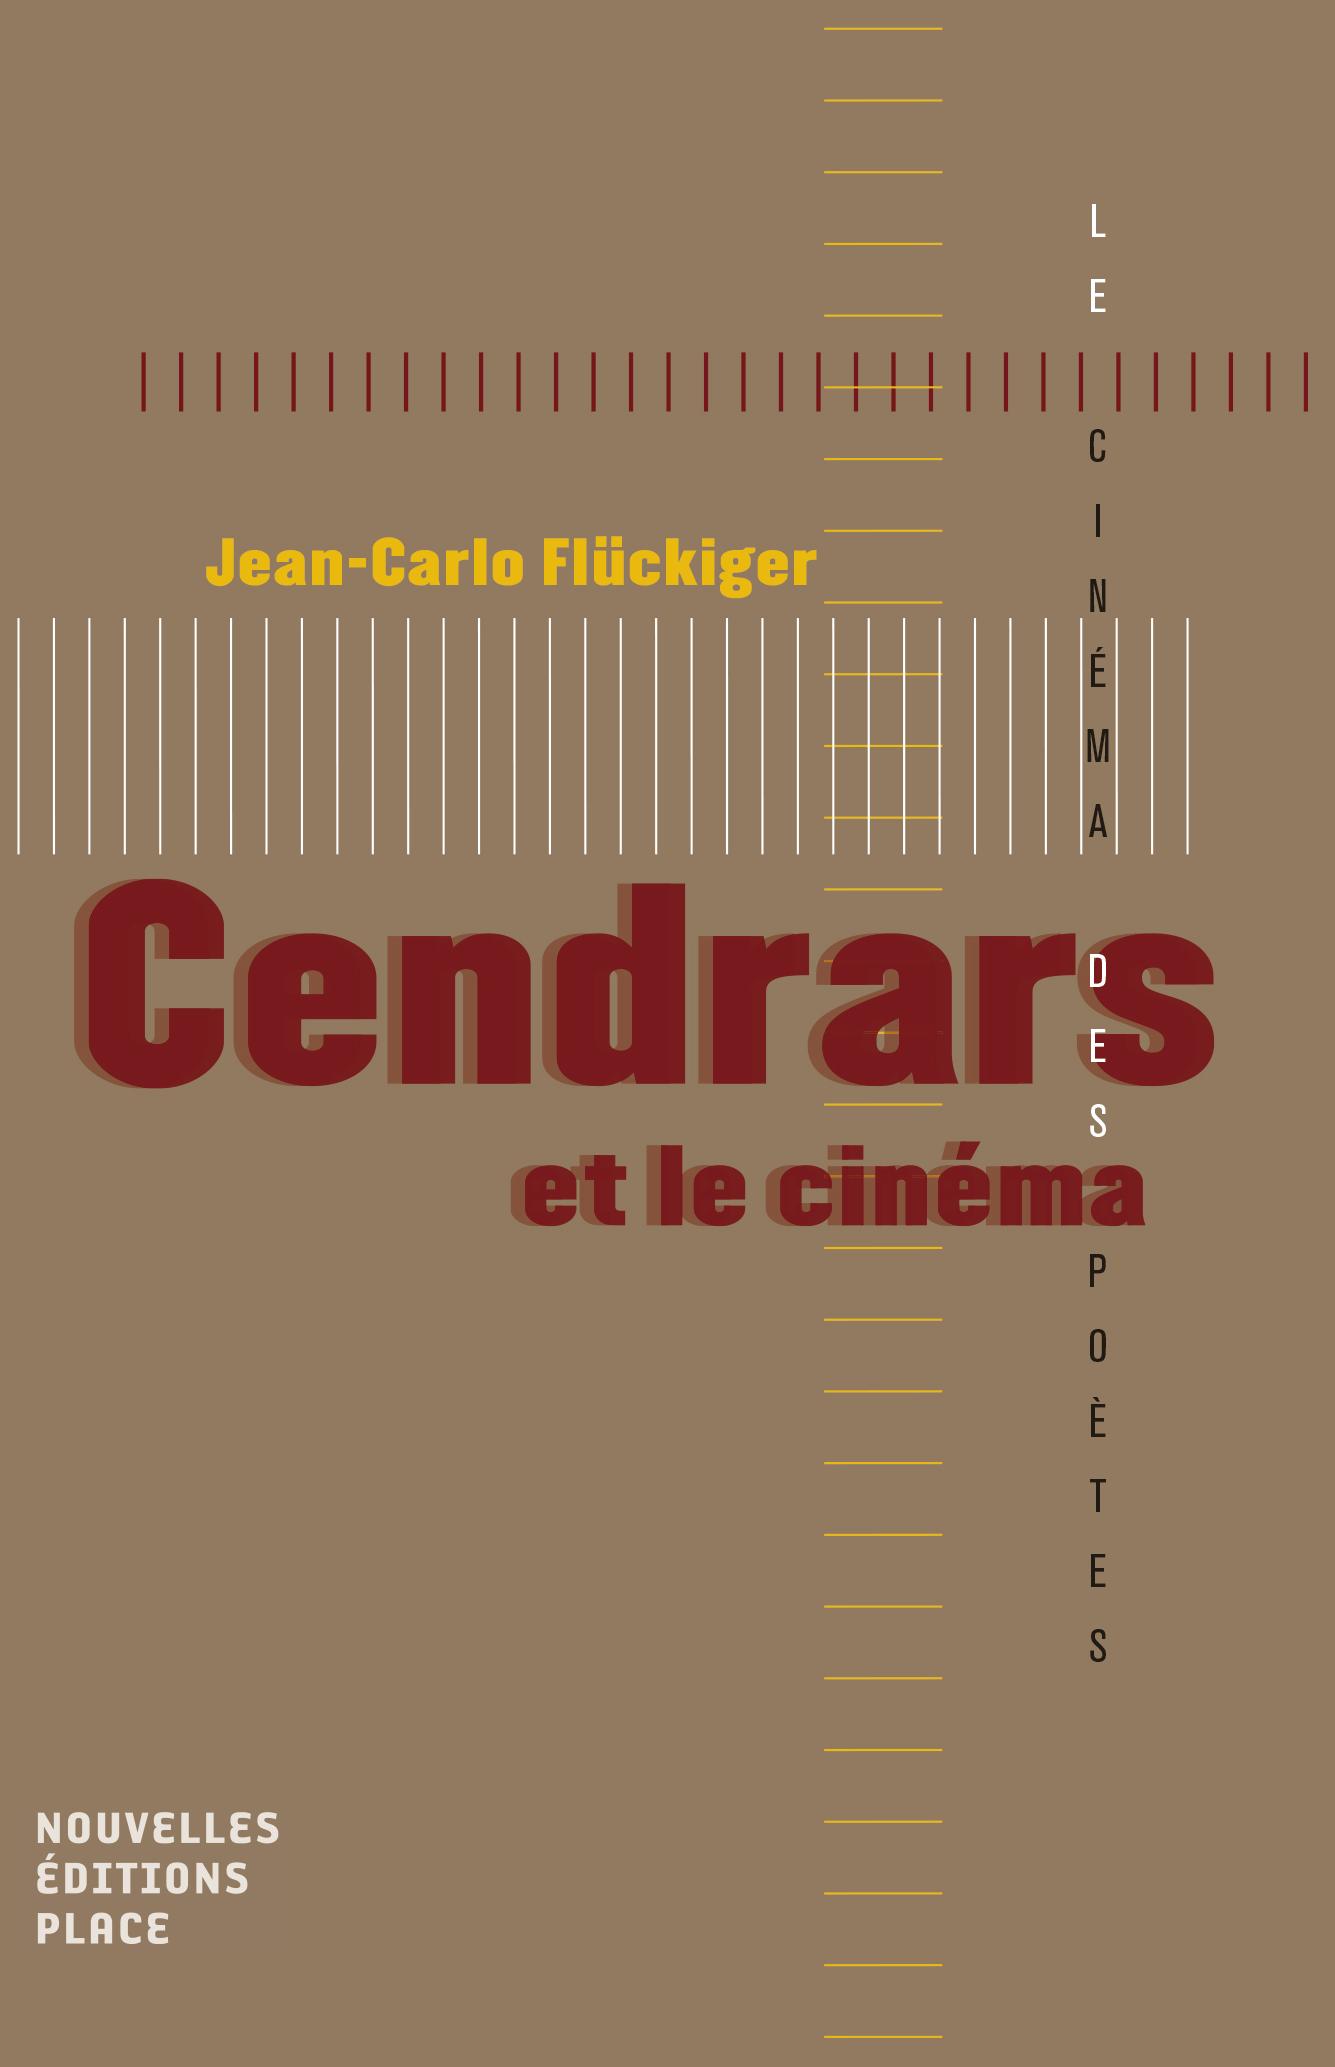 Cendrars et le cinéma Collection « Le cinéma des poètes » Les nouvelles éditions Jean-Michel Place